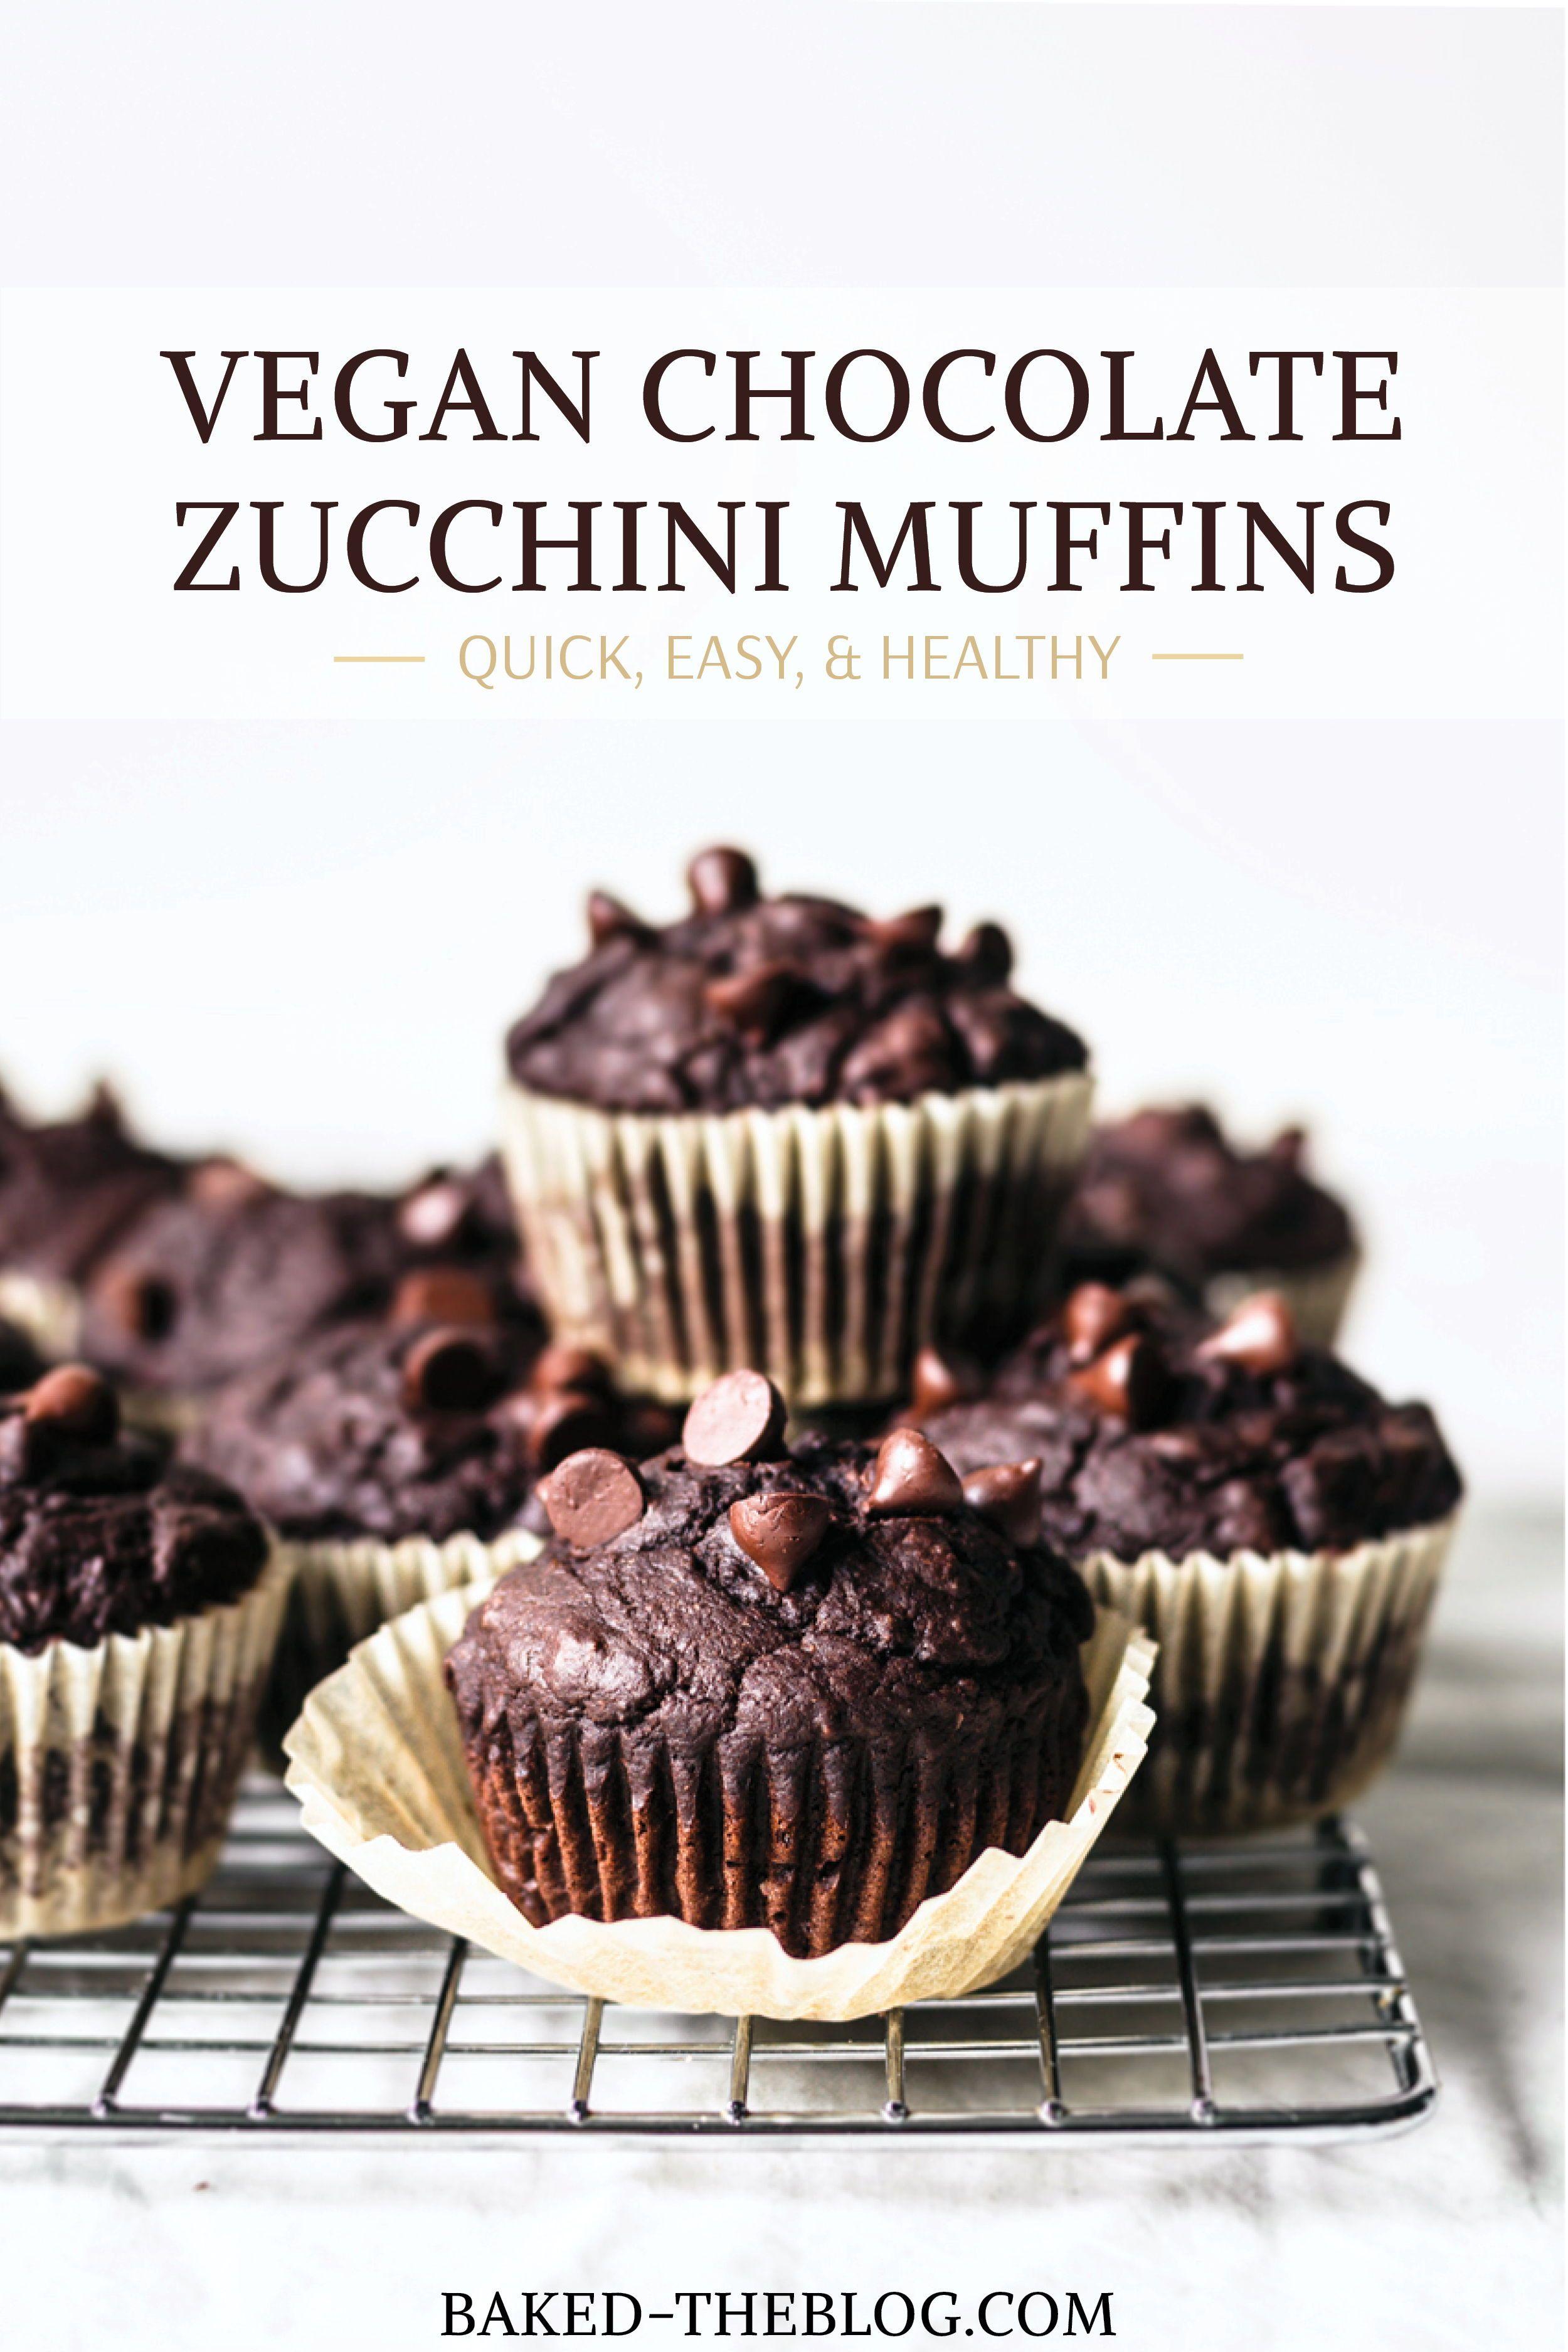 Chocolate Zucchini Muffins Vegan Baked Recipe In 2020 Chocolate Zucchini Muffins Chocolate Zucchini Vegan Chocolate